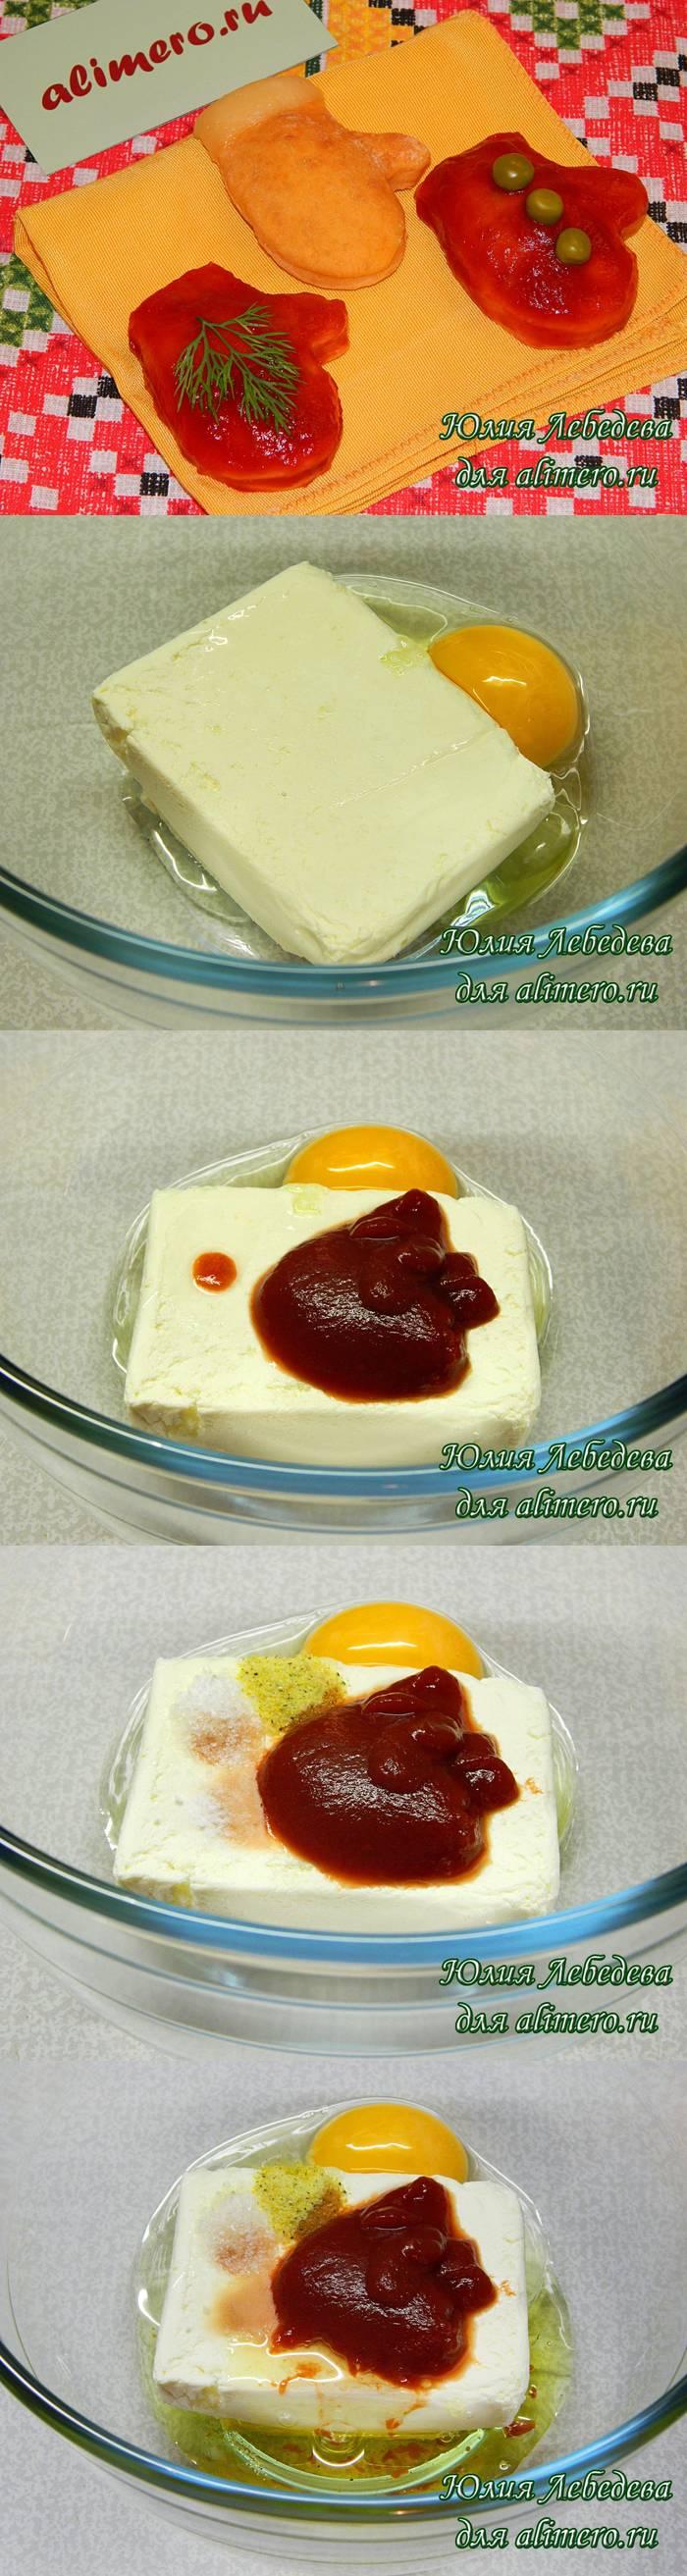 Творожное печенье с томатной пастой